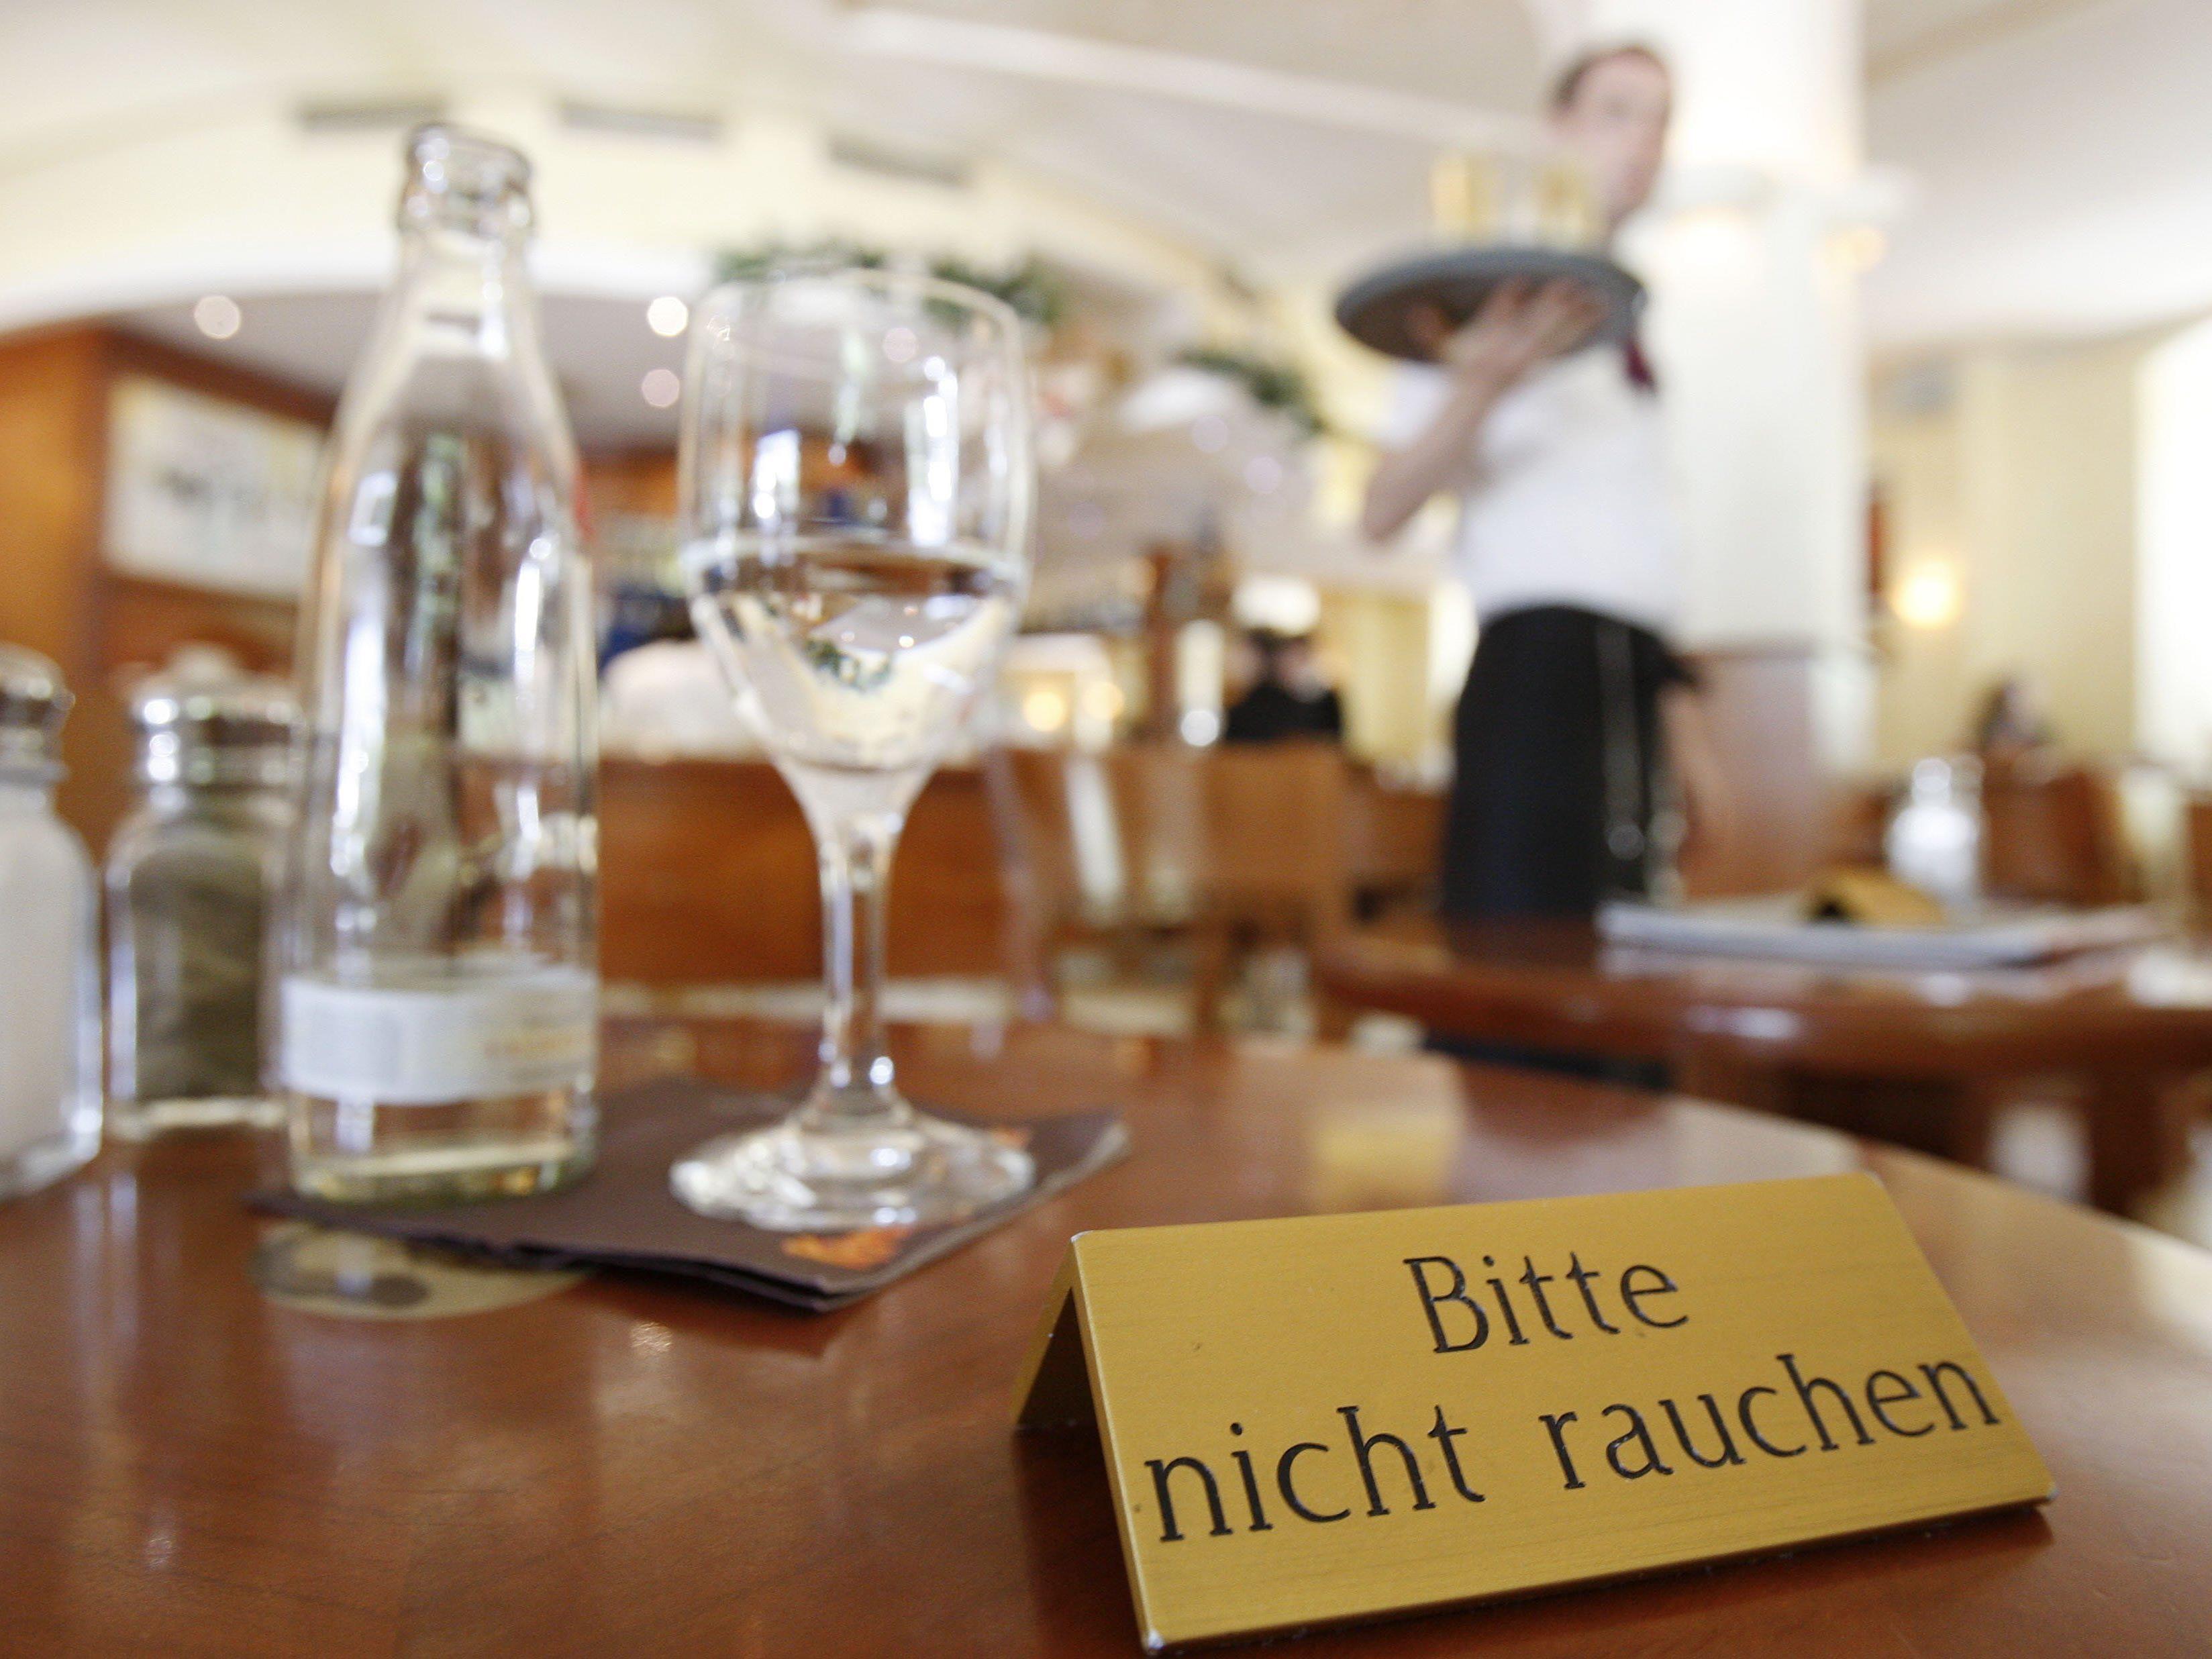 Mehrheit der Österreicher ist für generelles Rauchverbot in Lokalen